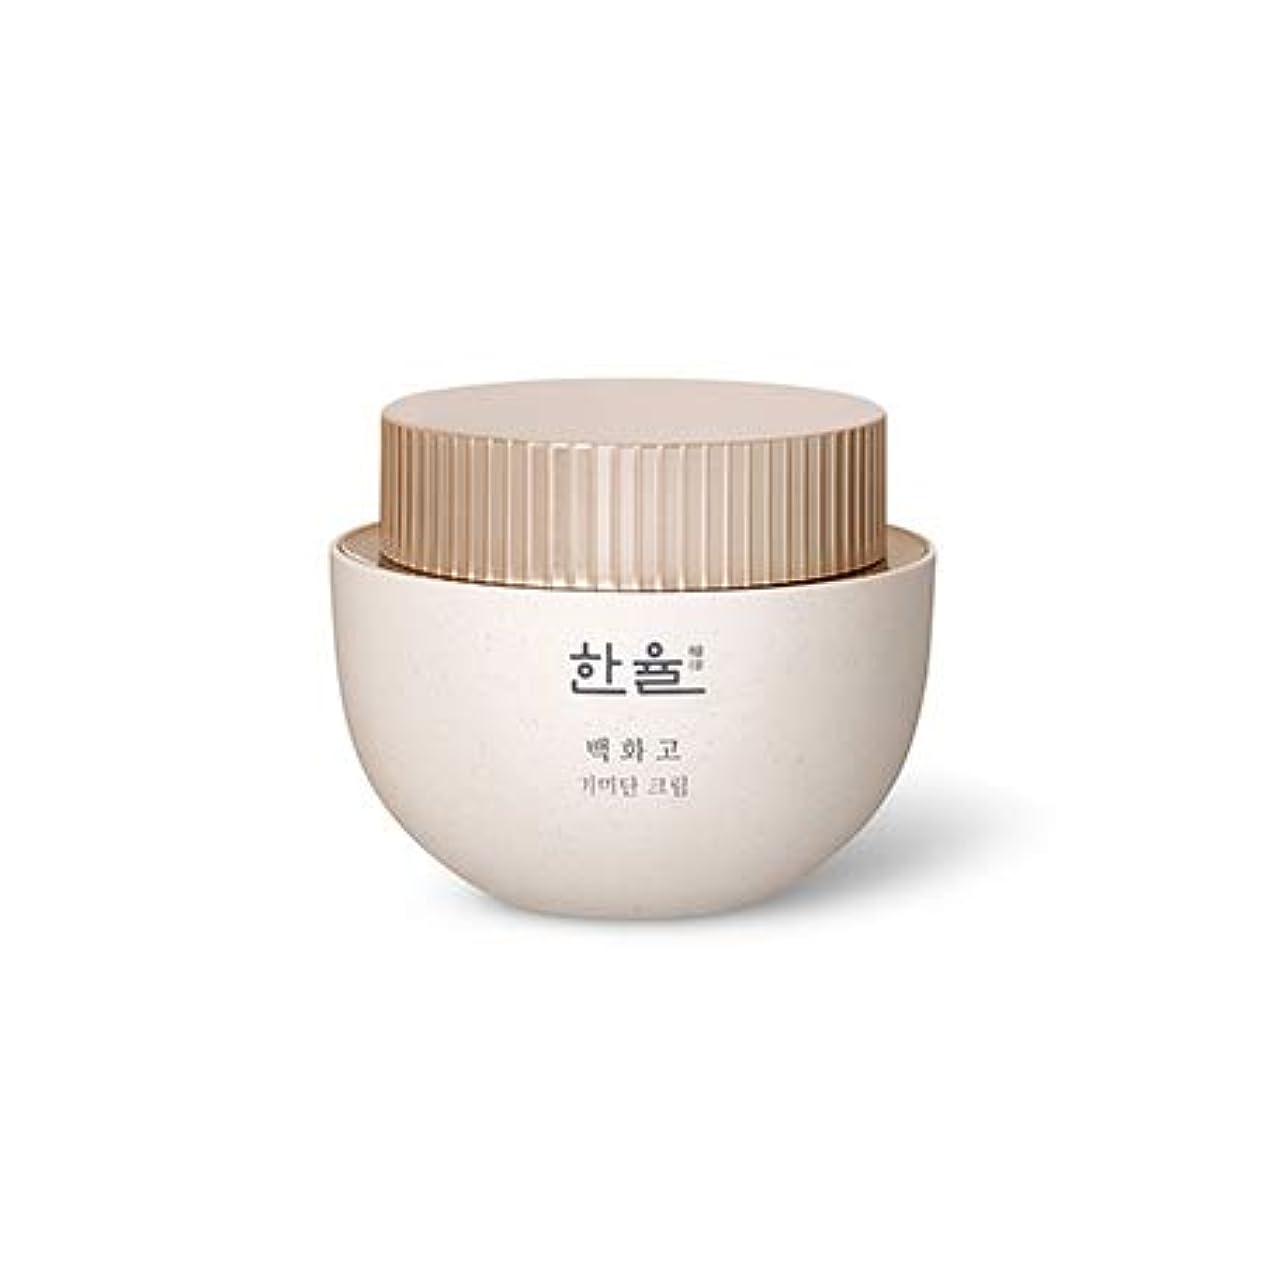 混乱欠乏雄弁な[ハンユル.HANYUL]ベクファゴシミ段クリームHanyul Baek Hwa Goh Anti-Aging Cream(シミ、くすみなどの老化の兆候をケア)